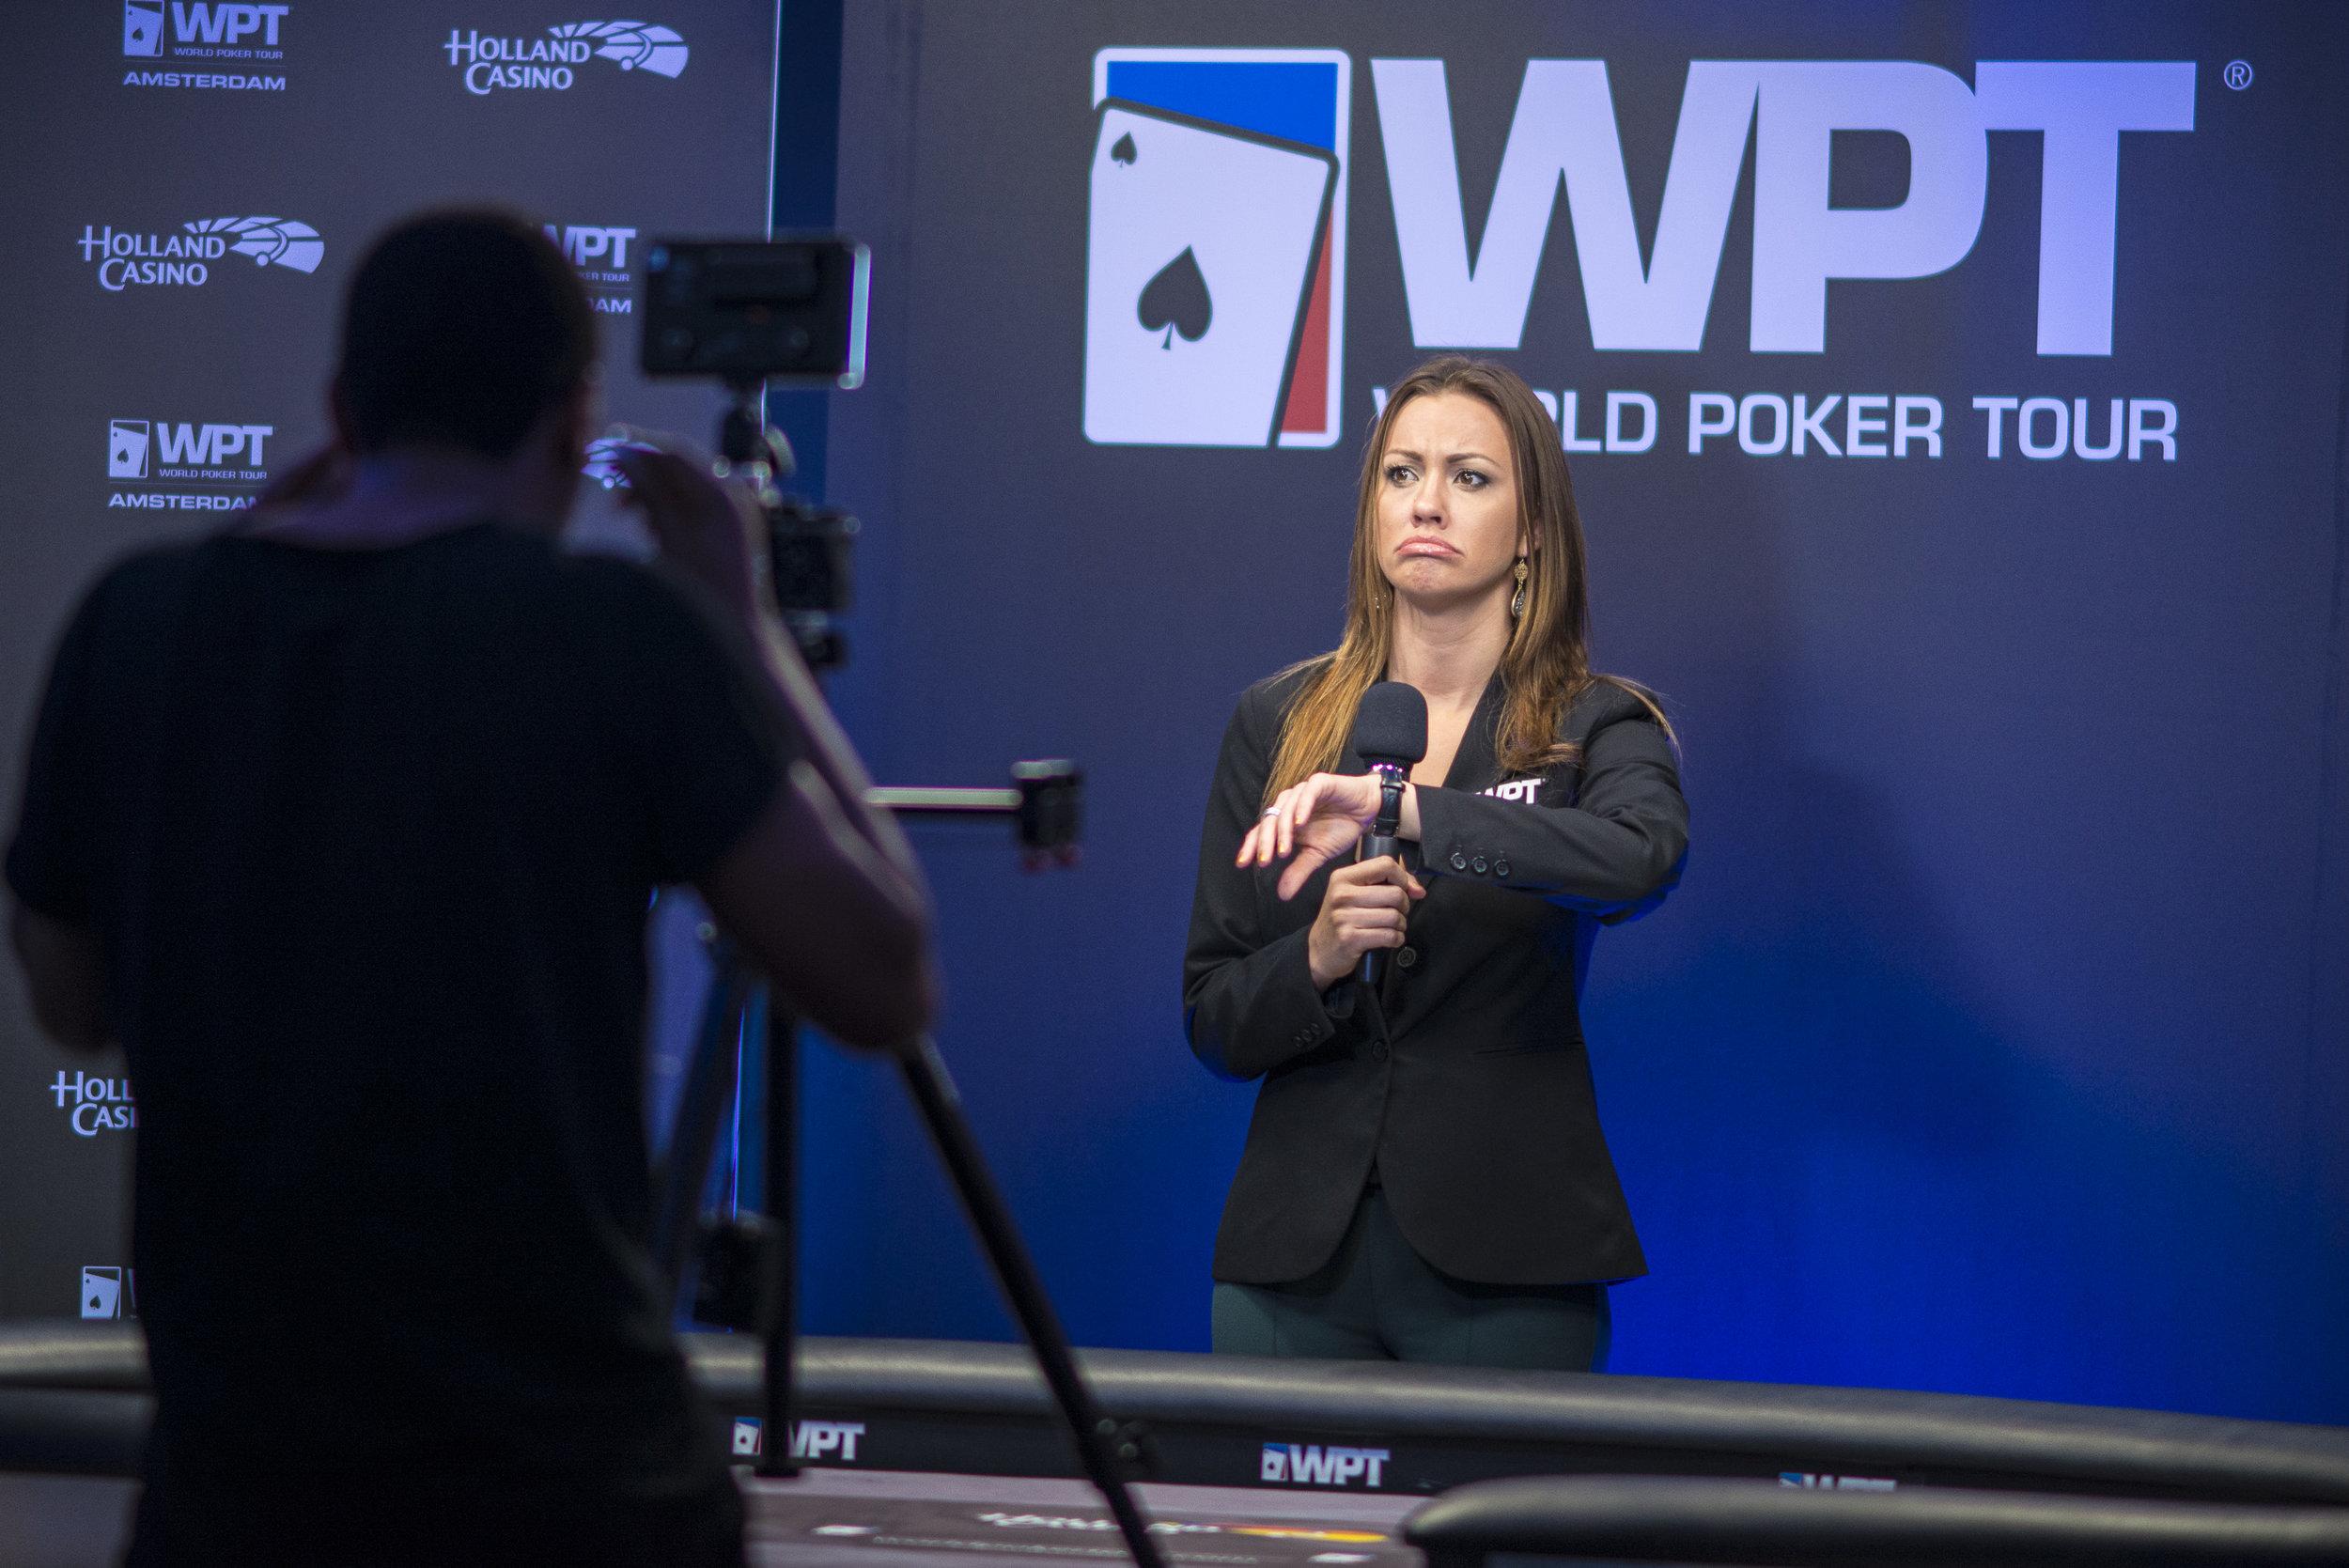 World Poker Tour_Caitlyn Howe_DA64288.jpg